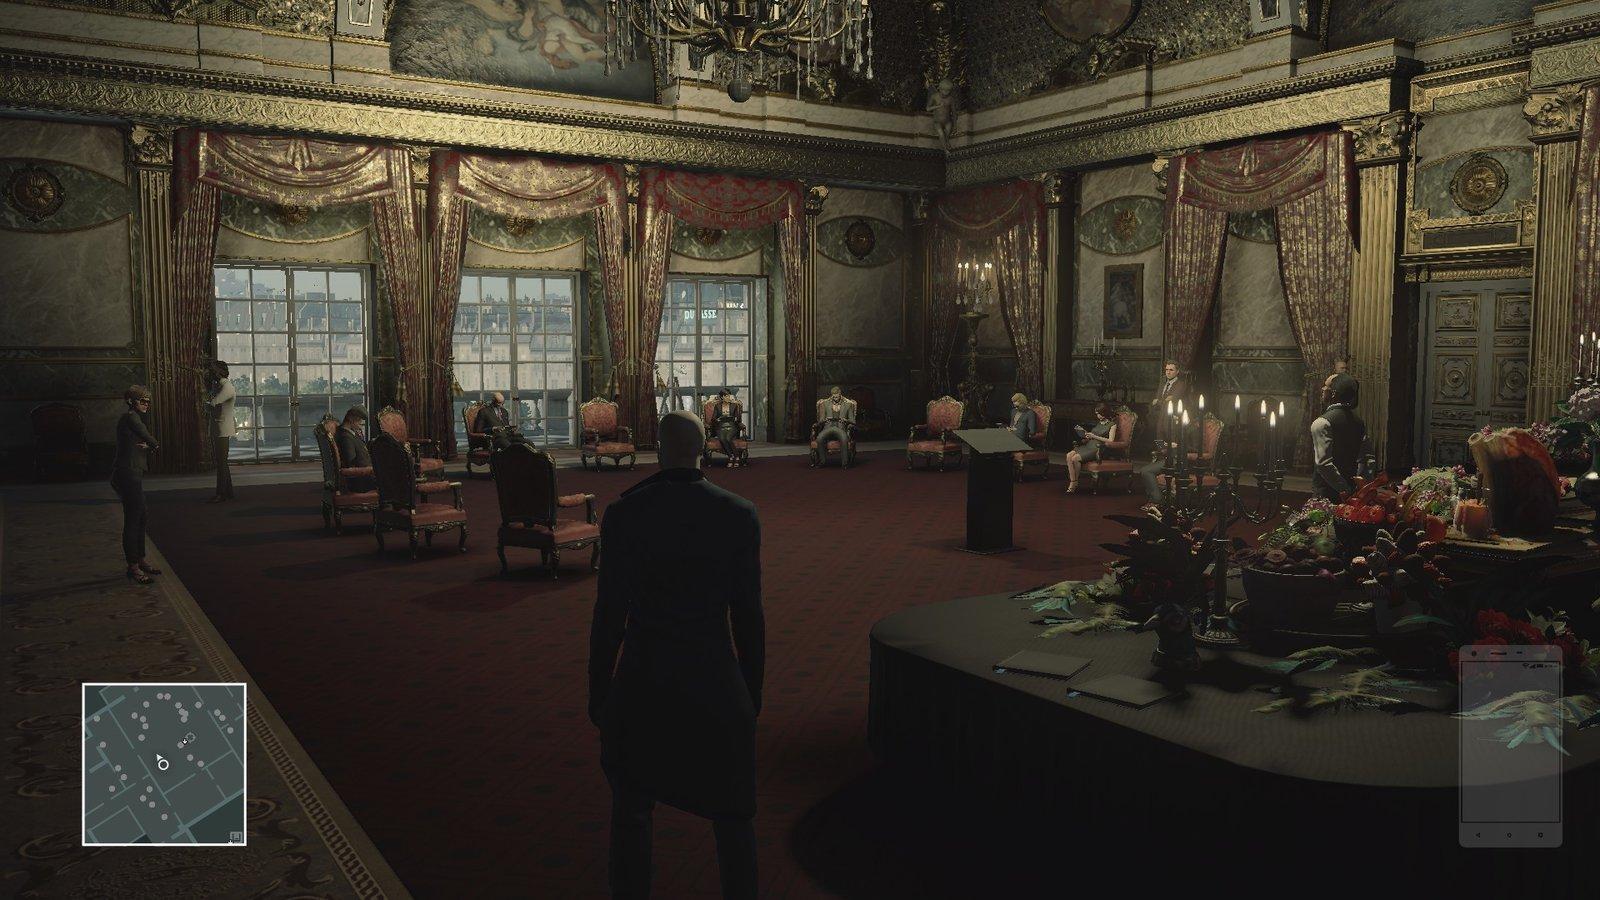 Miestnosti paláca sú plné detailov